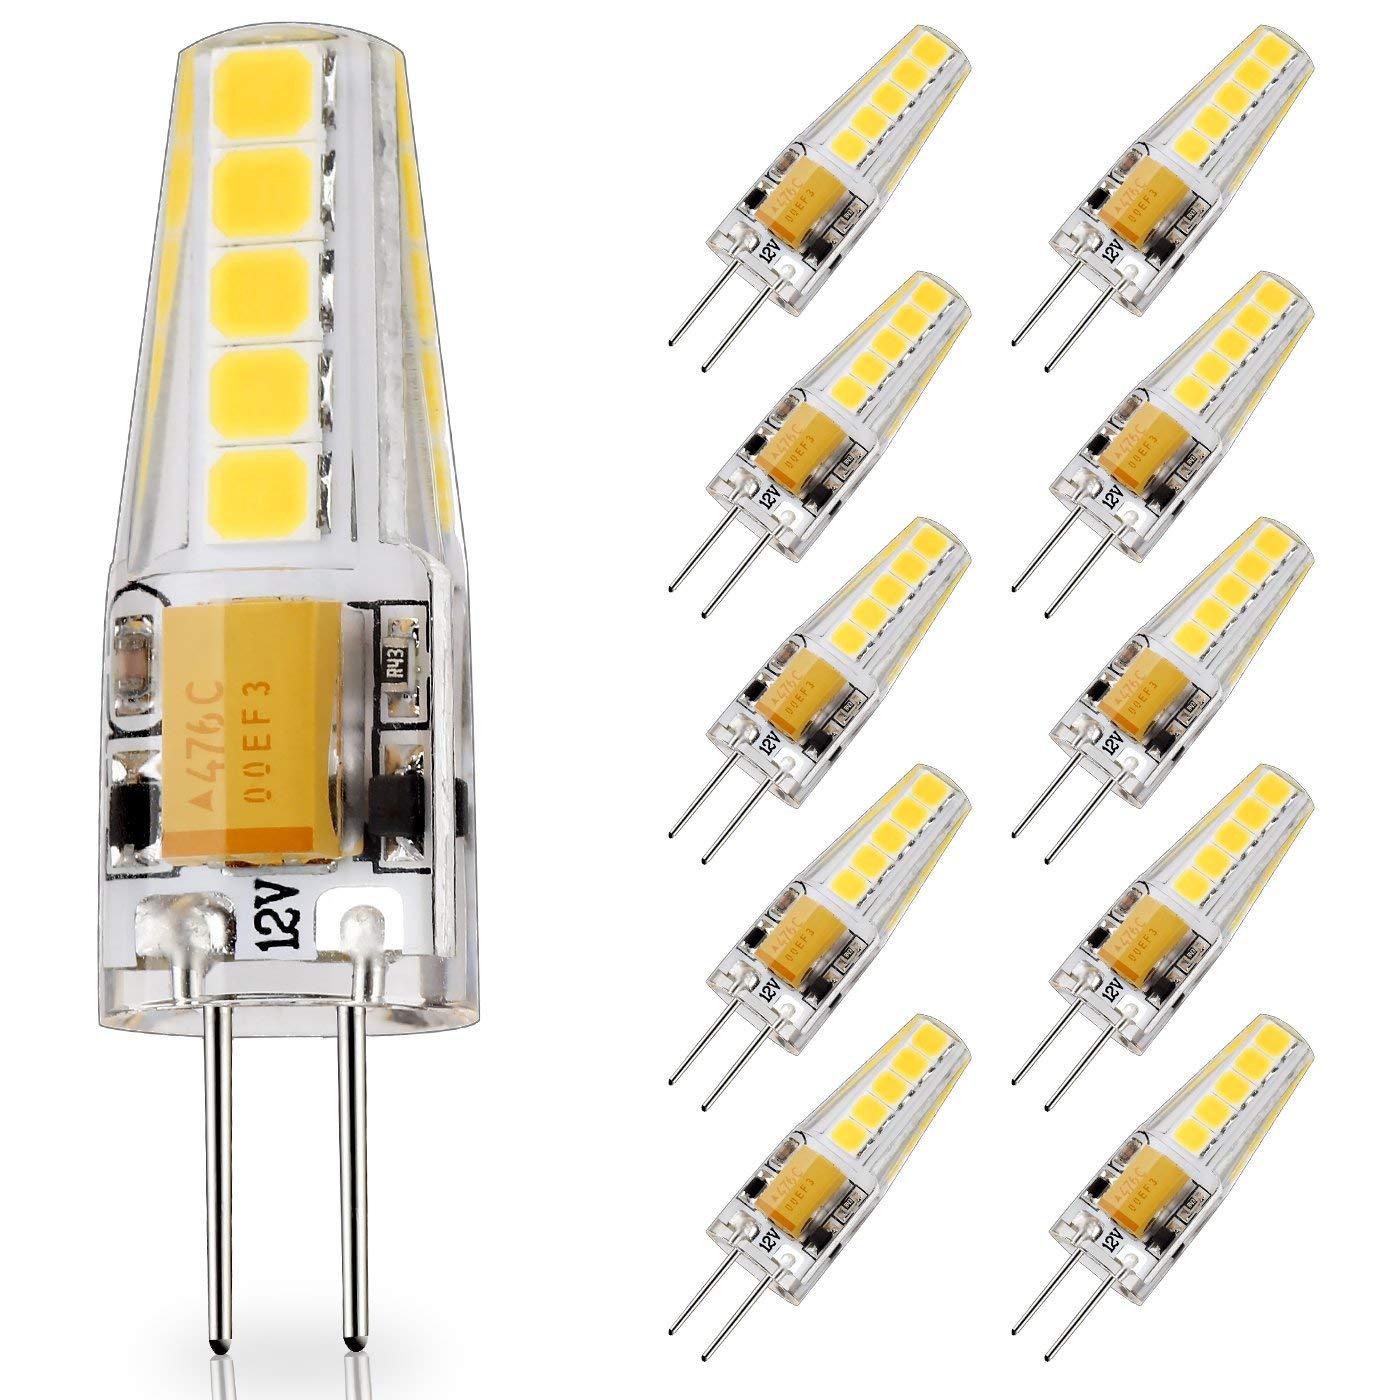 10-Pack G4 Base LED Bulb, 20W Glass Halogen (Daylight White 6000K) Light Bulbs Replacement, 12V AC/DC, 2 Watt/230 Lumens, JC T3 Lamp for Under Cabinet Puck Light, Chandelier, Landscape Lighting